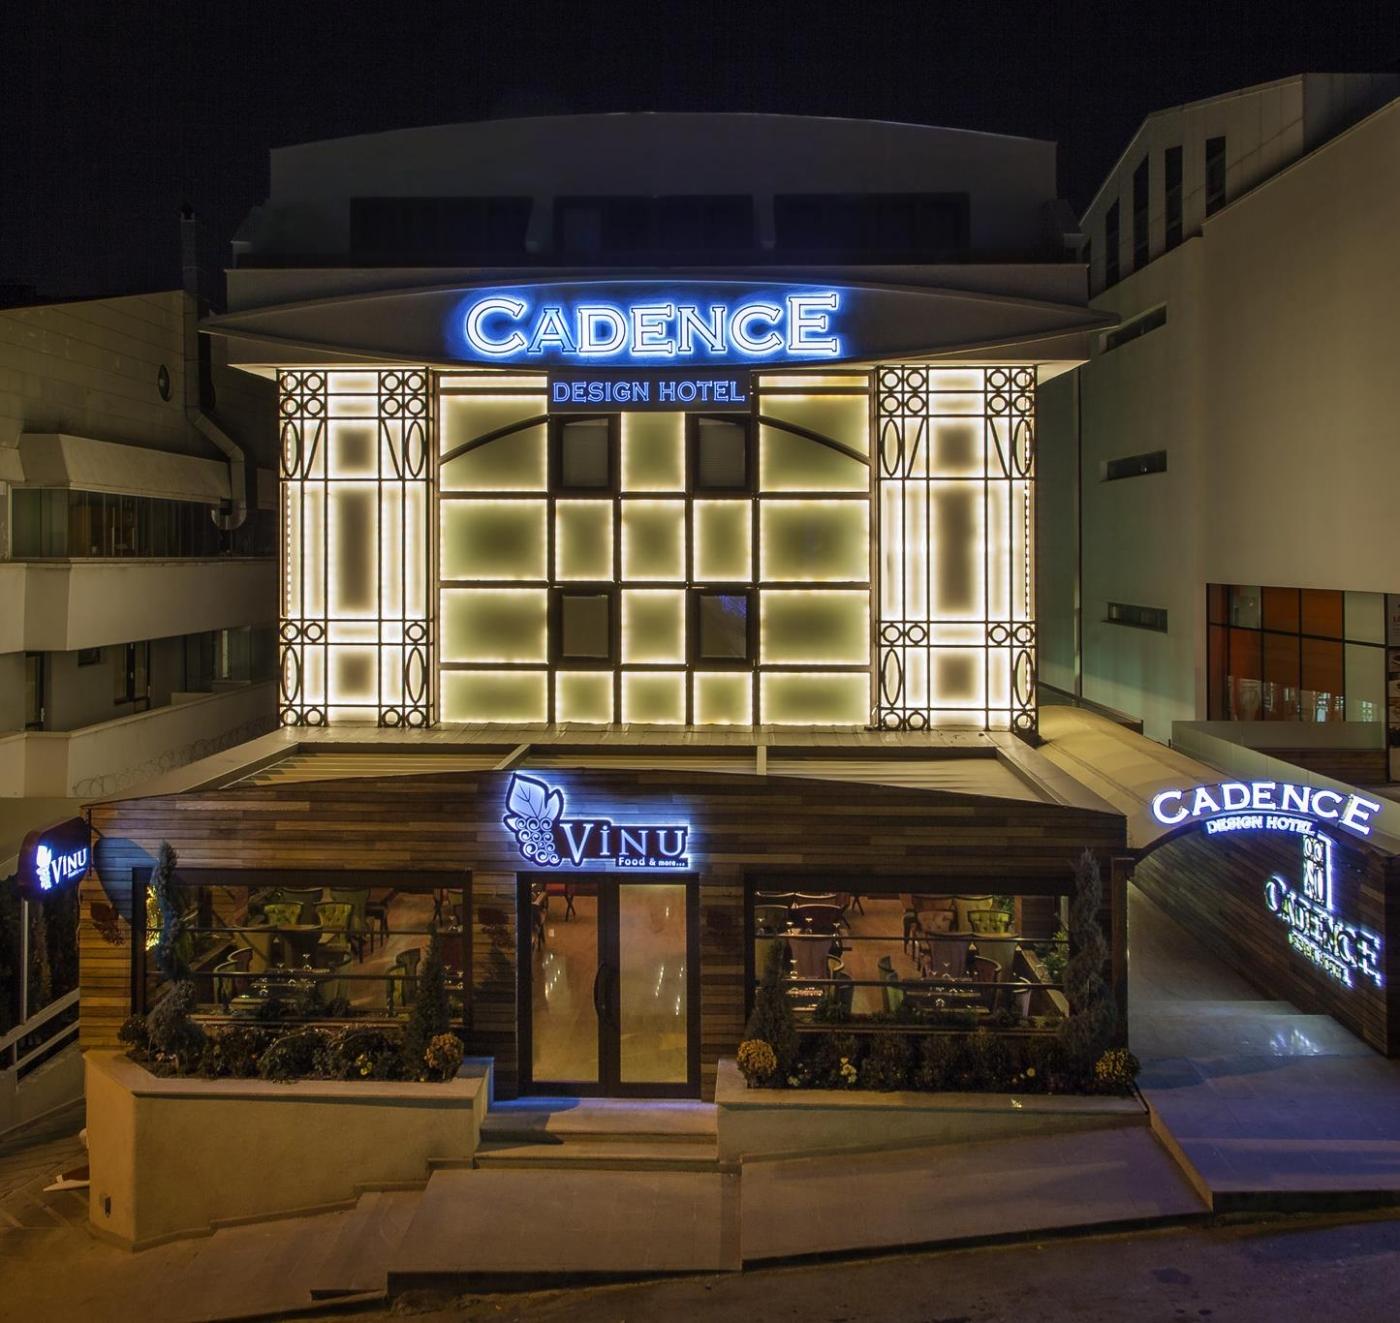 Cadence design hotel ankara 39 n n lk ve tek design oteli for Designhotel 21